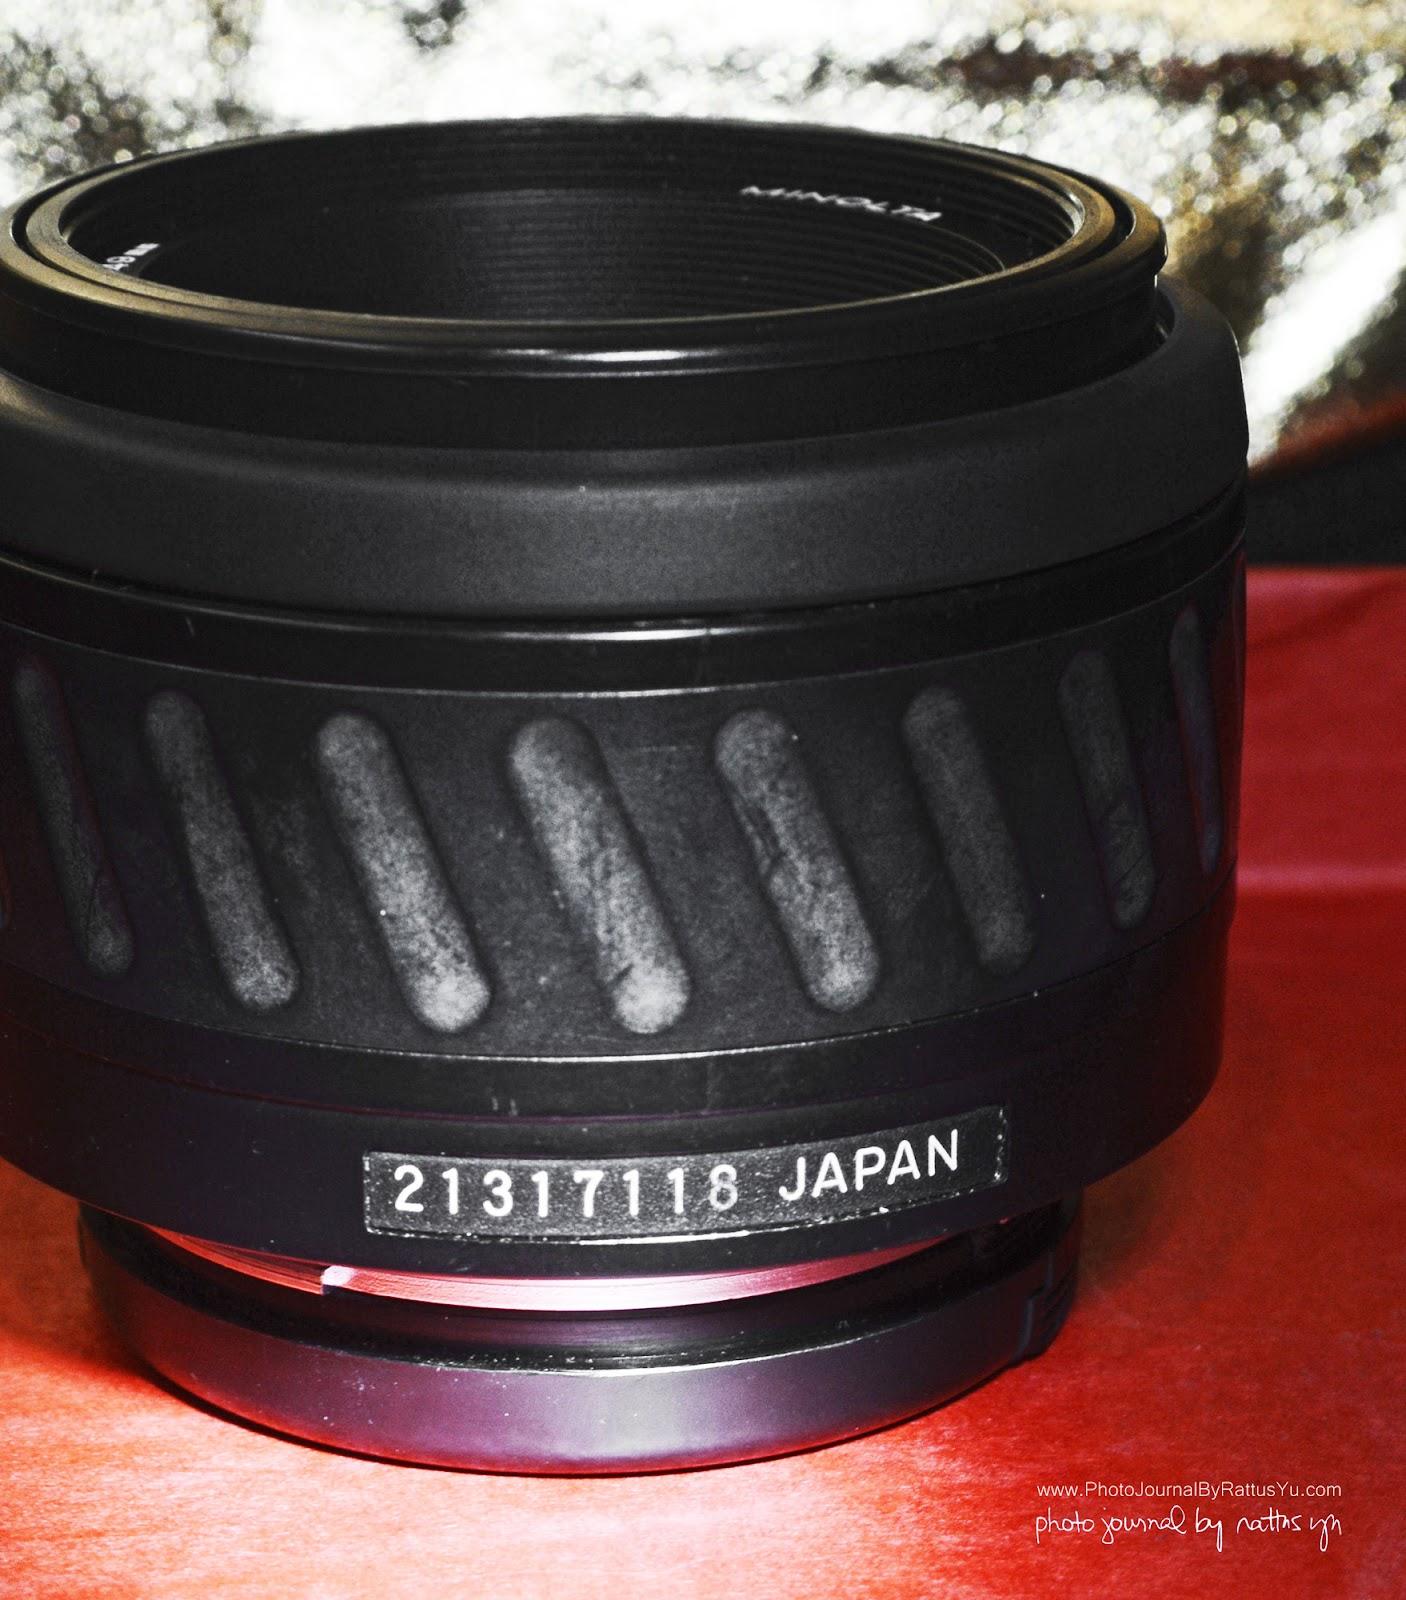 Minolta AF 50mm f/1.7 (Minolta/Sony A Mount)